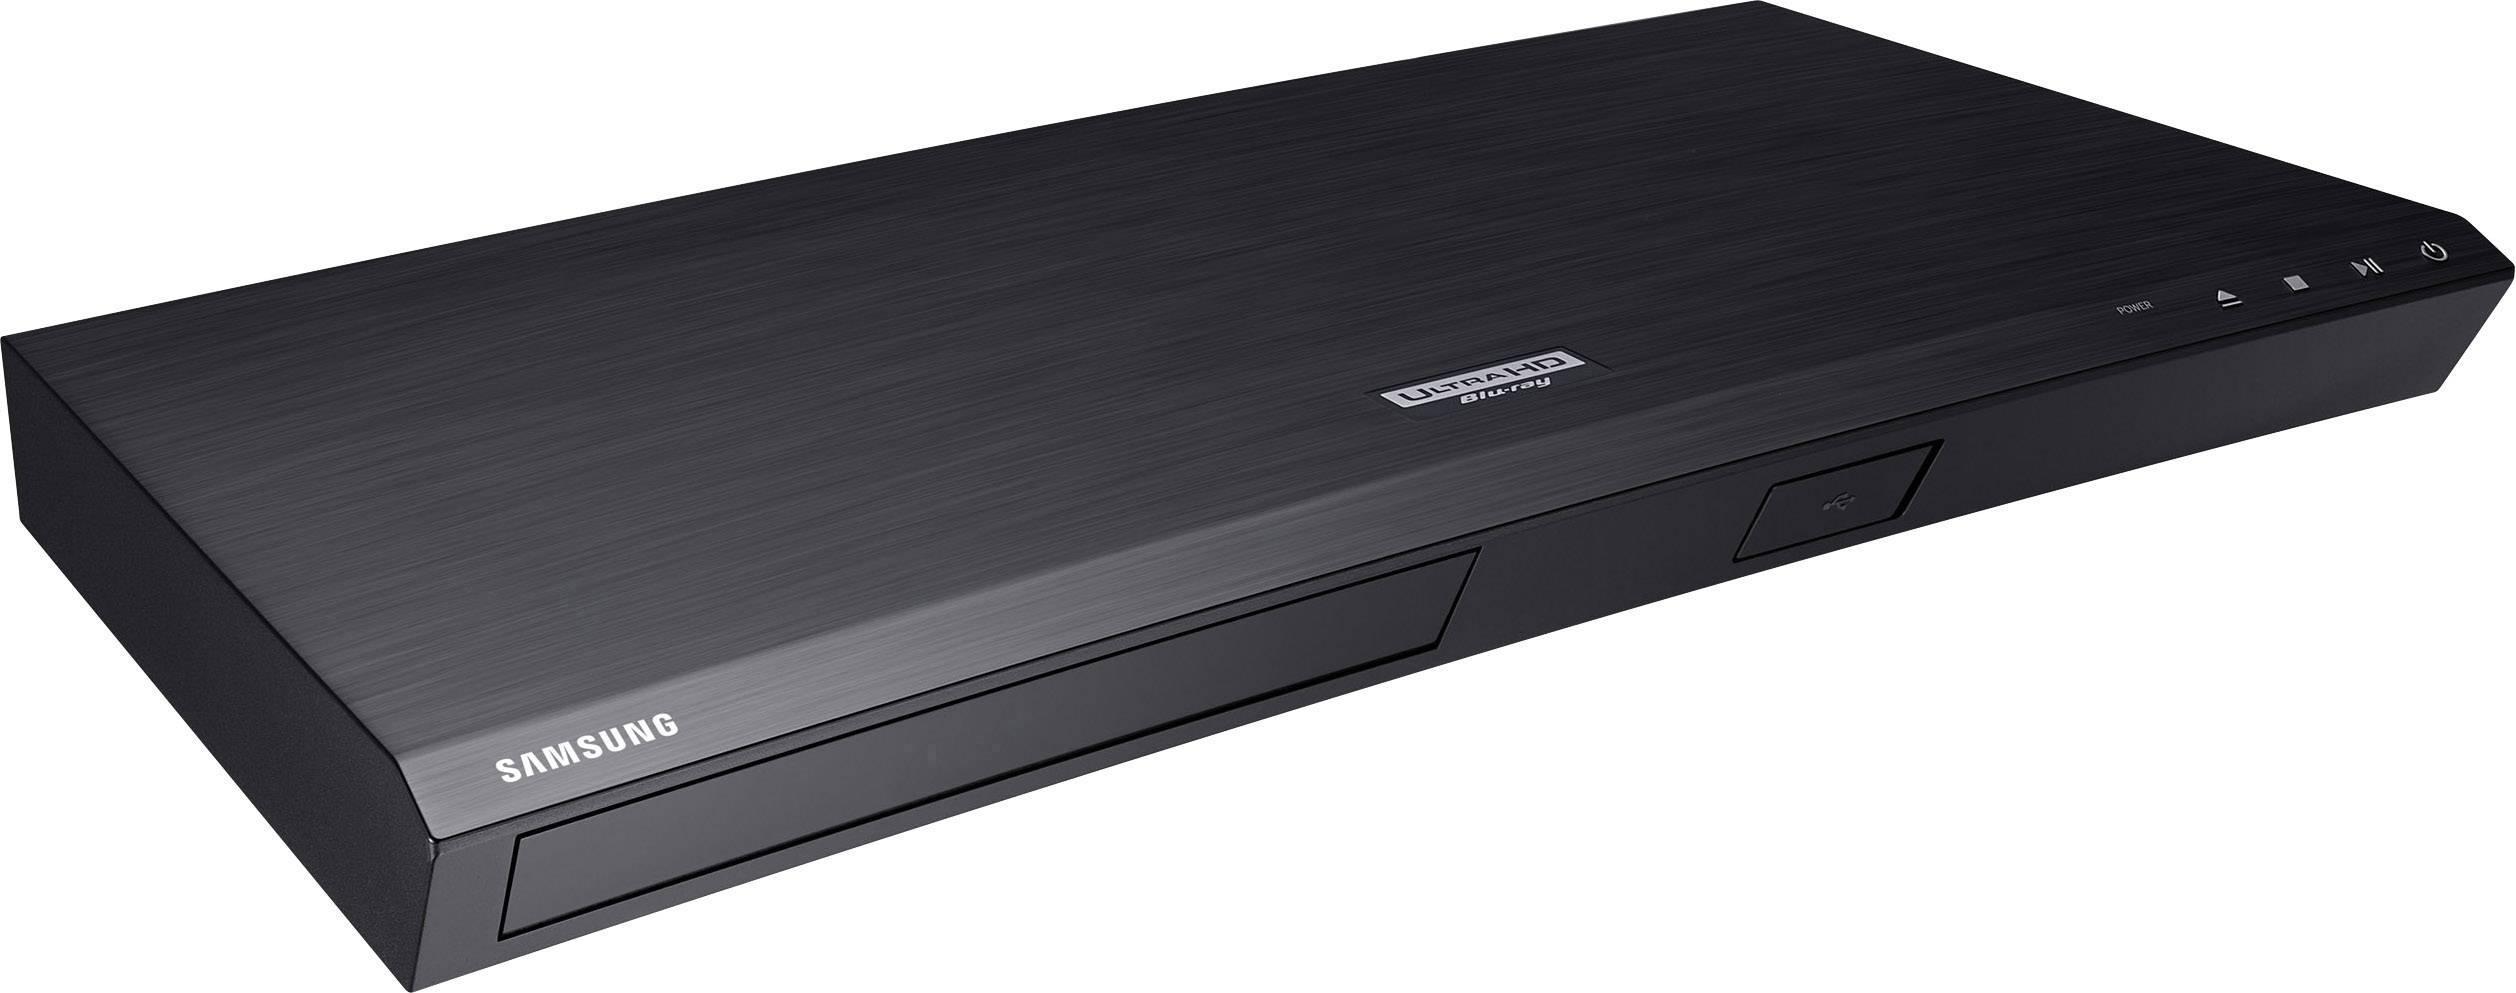 UHD Blu-ray player Samsung UBD-M7500 4K Ultra HD upscaling